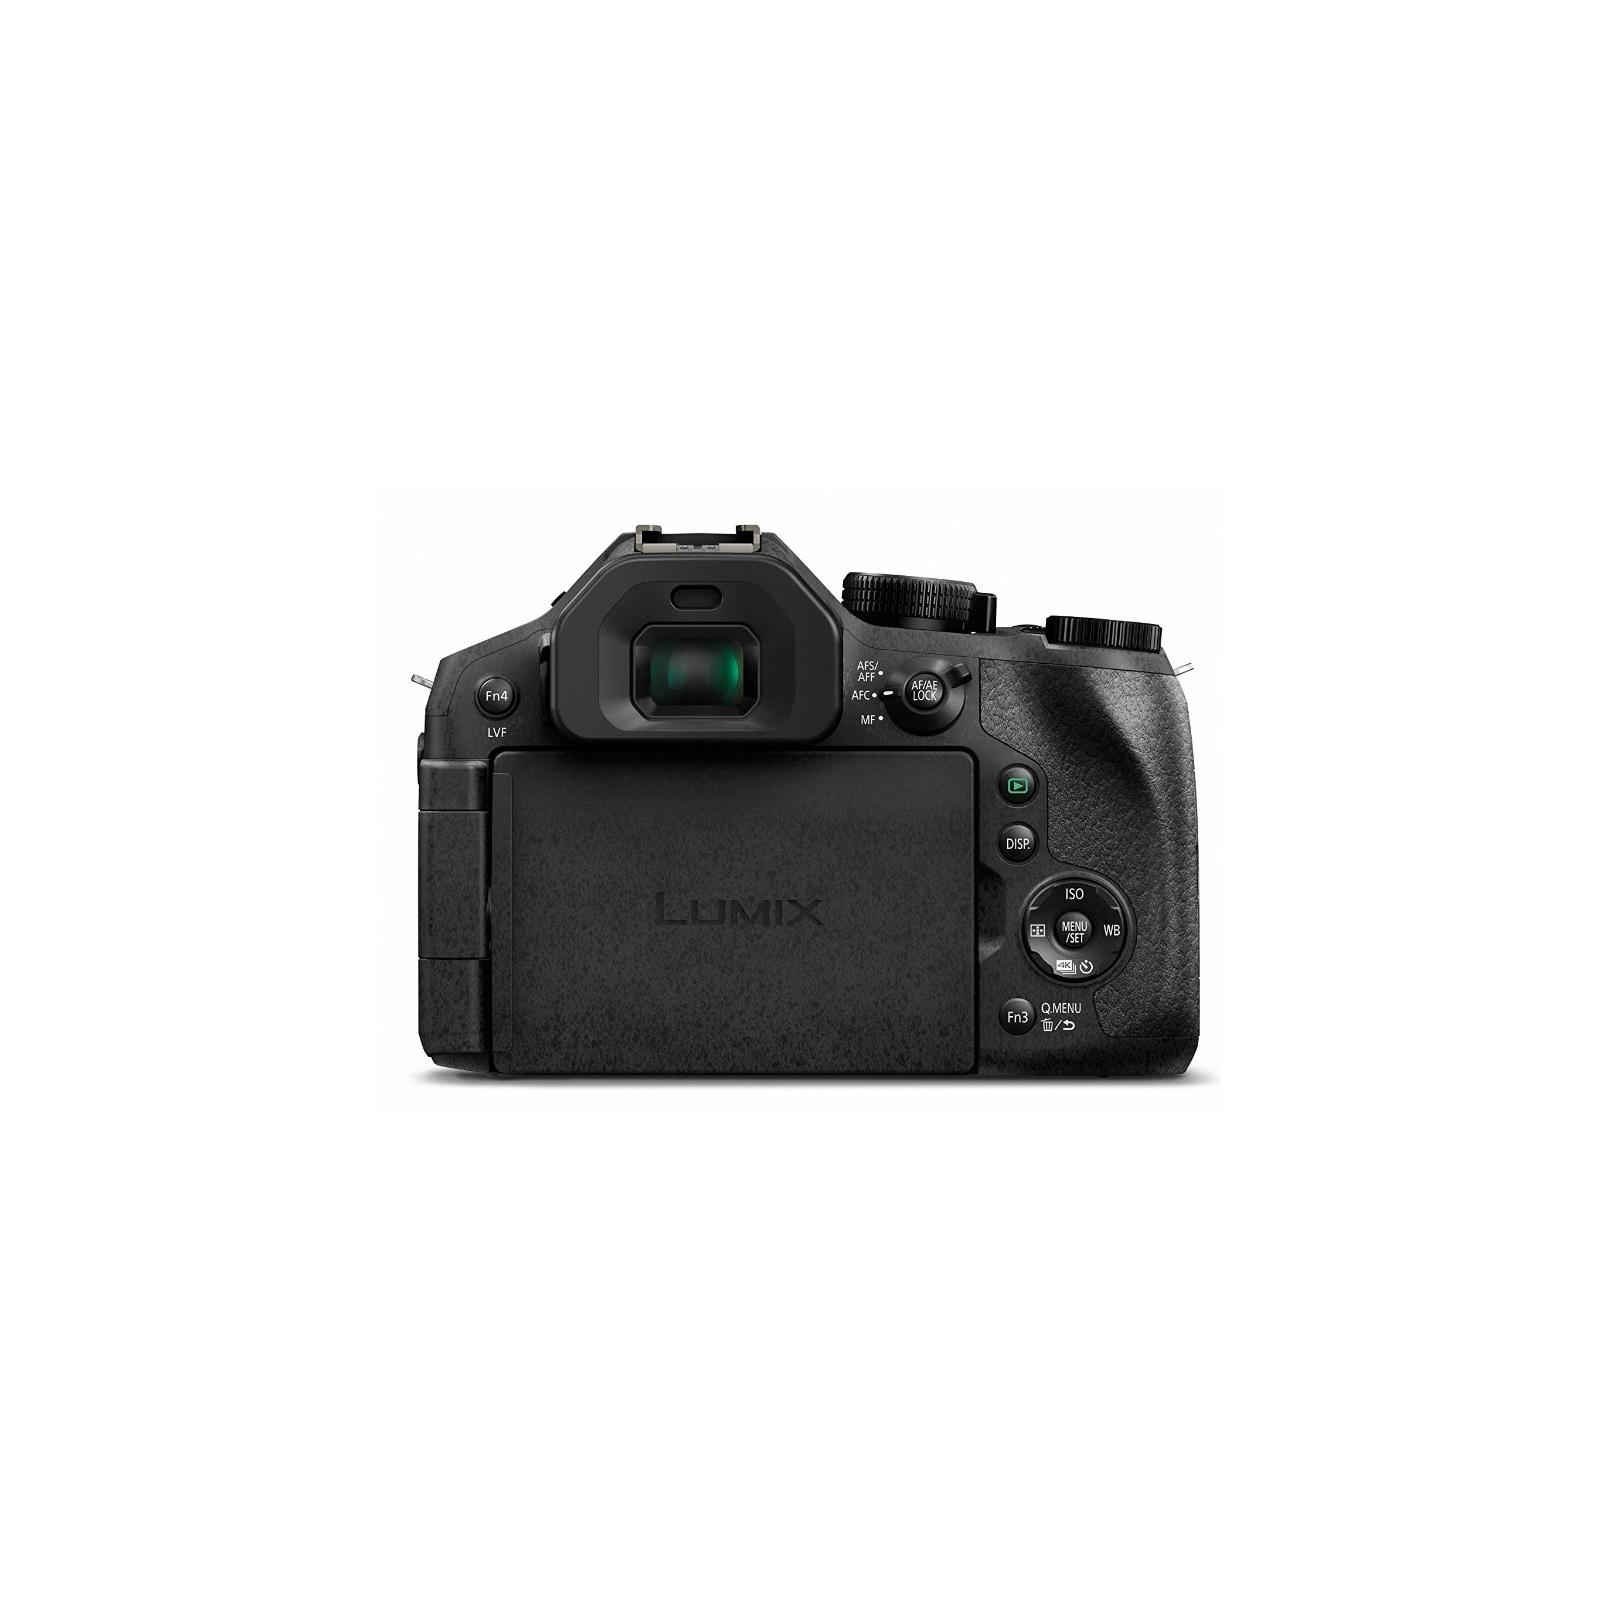 Цифровой фотоаппарат PANASONIC DMC-FZ300 (DMC-FZ300EEK) изображение 12